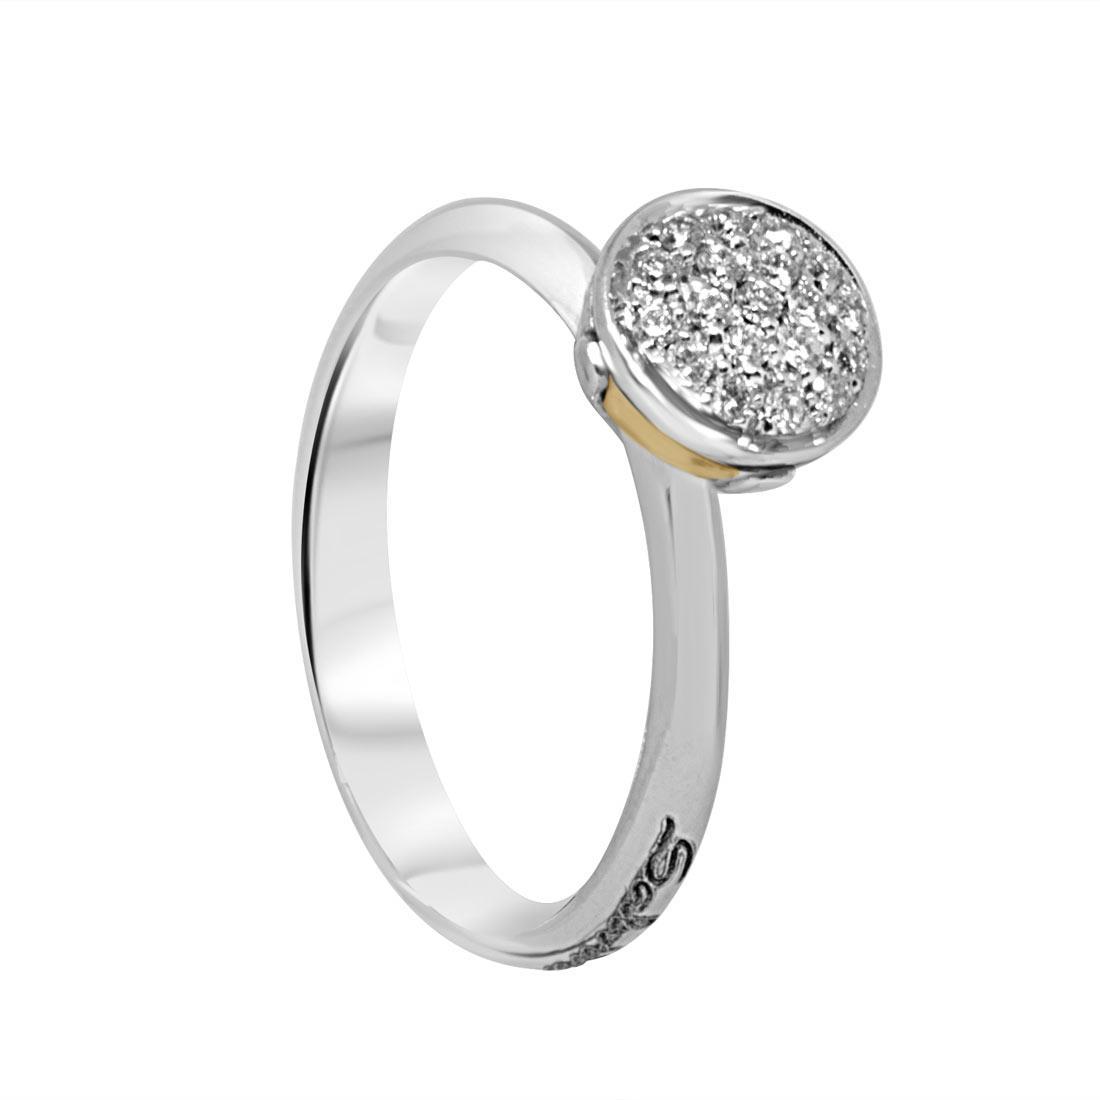 Anello in oro bianco con diamanti ct 0.15, misura 14 - SALVINI